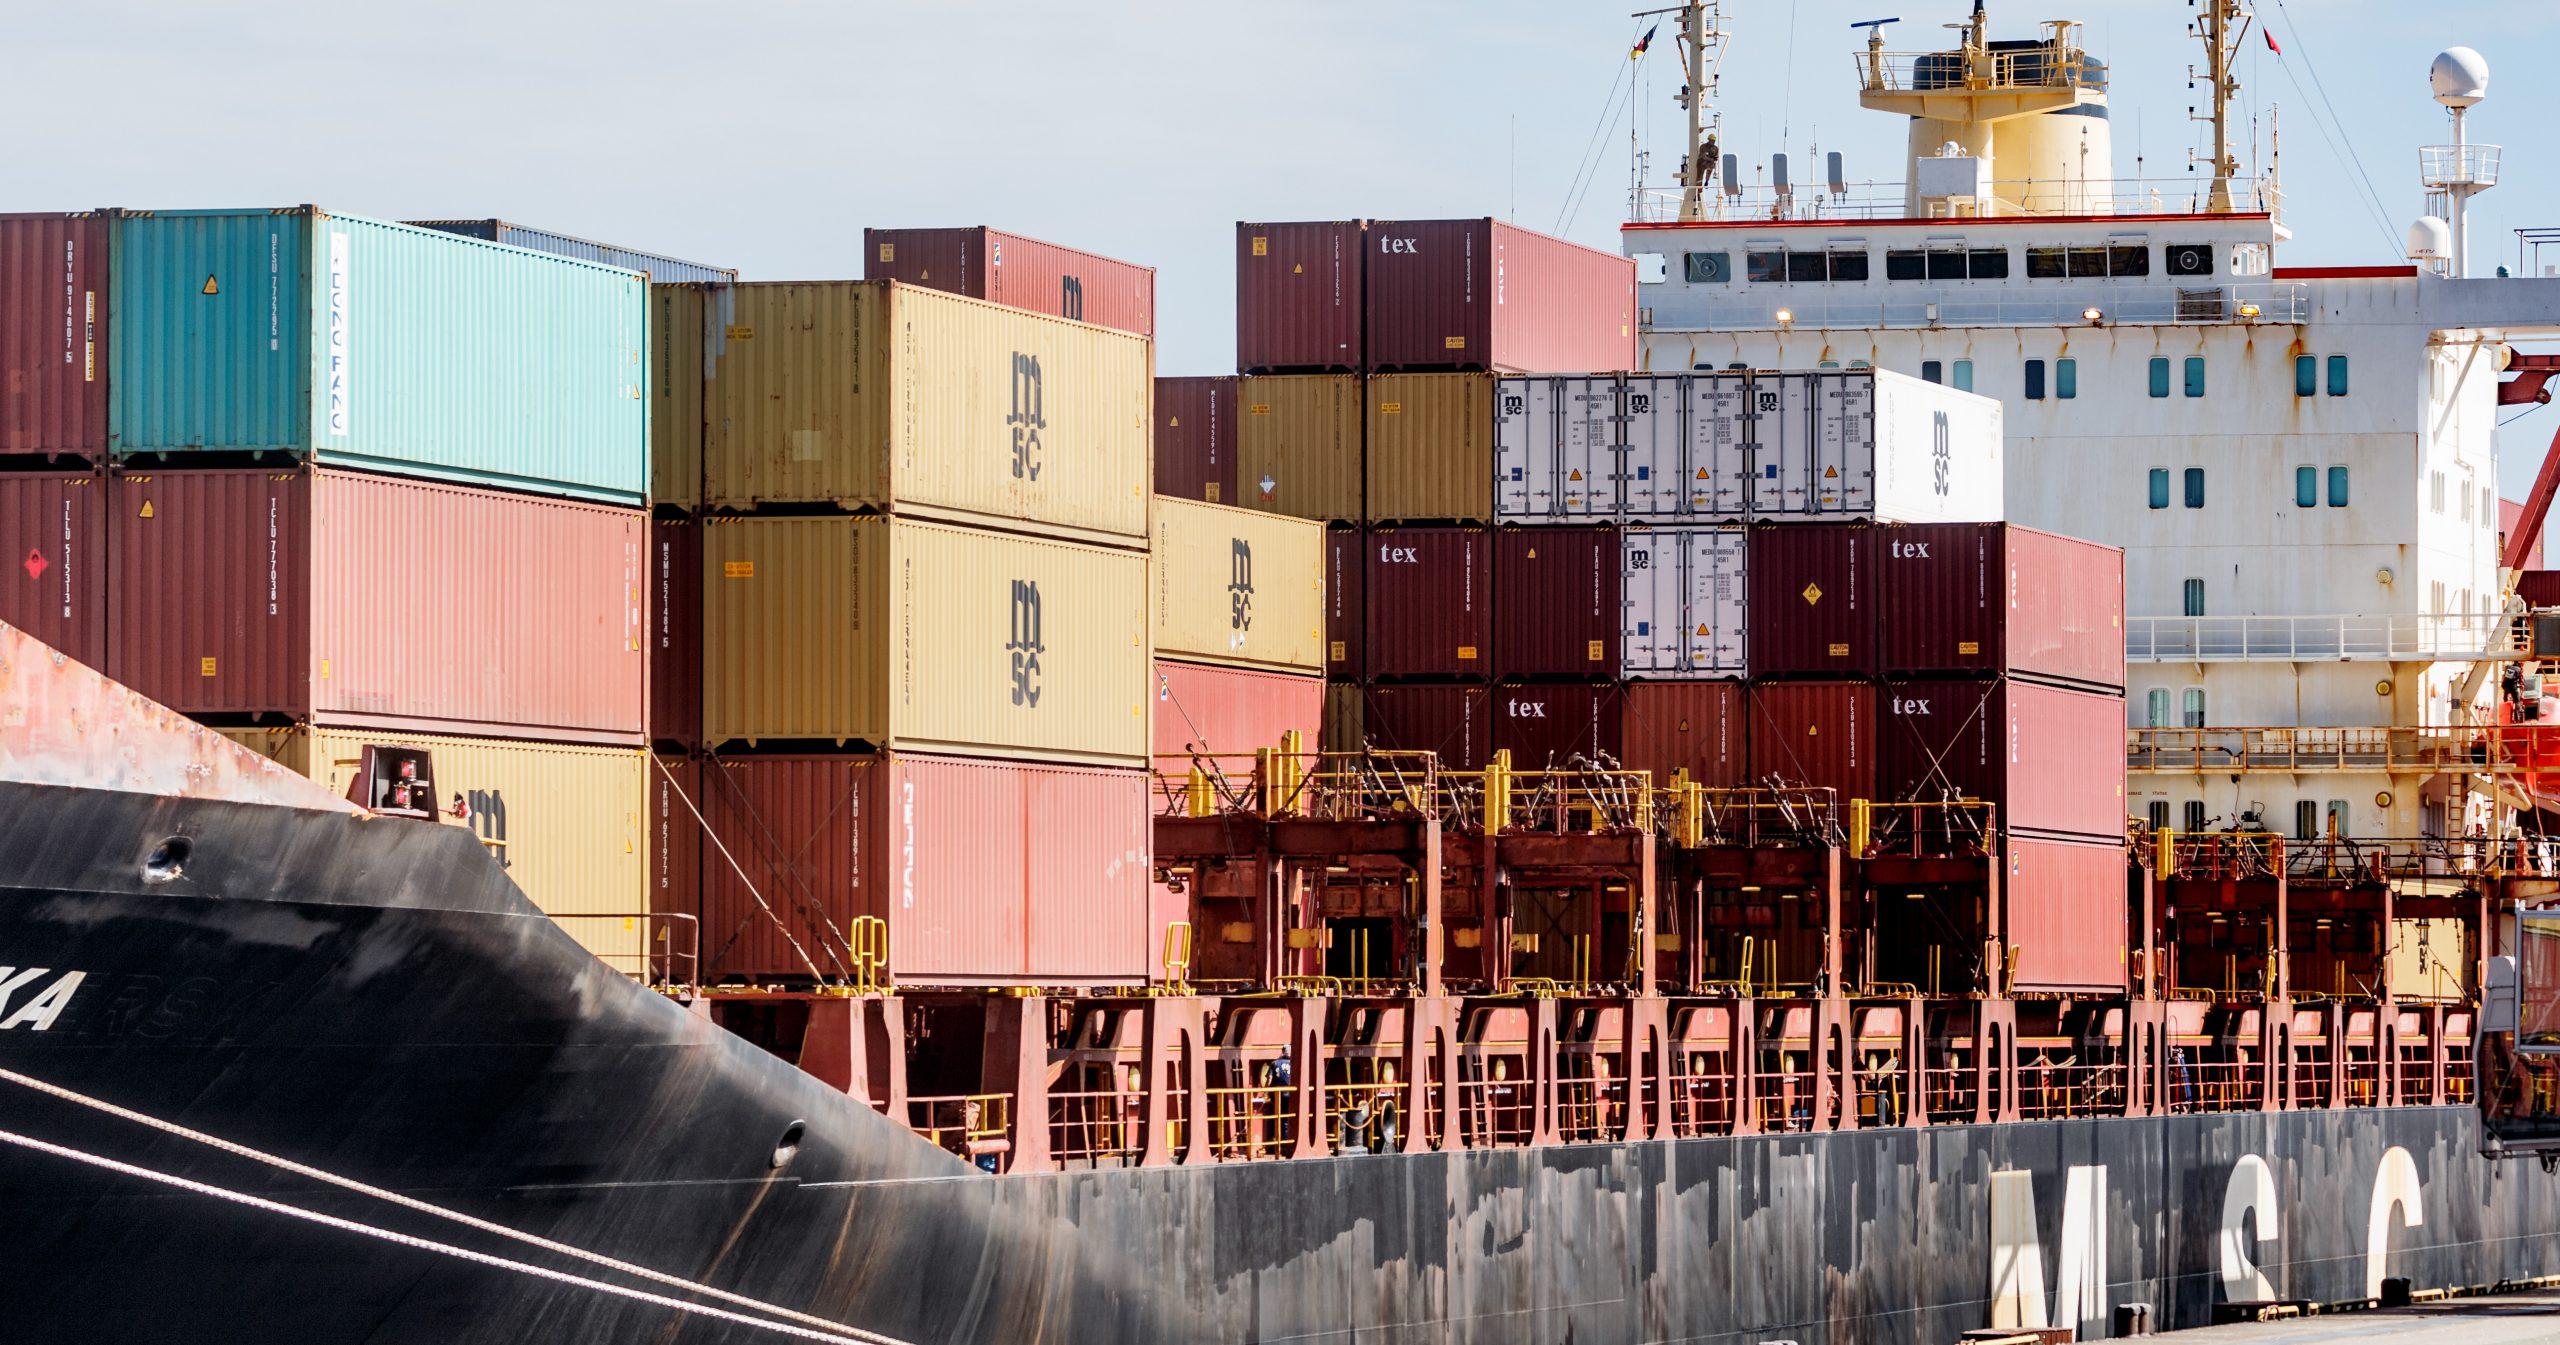 Ein mit Containern beladenes Schiff liegt im Hafen Hamburgs.